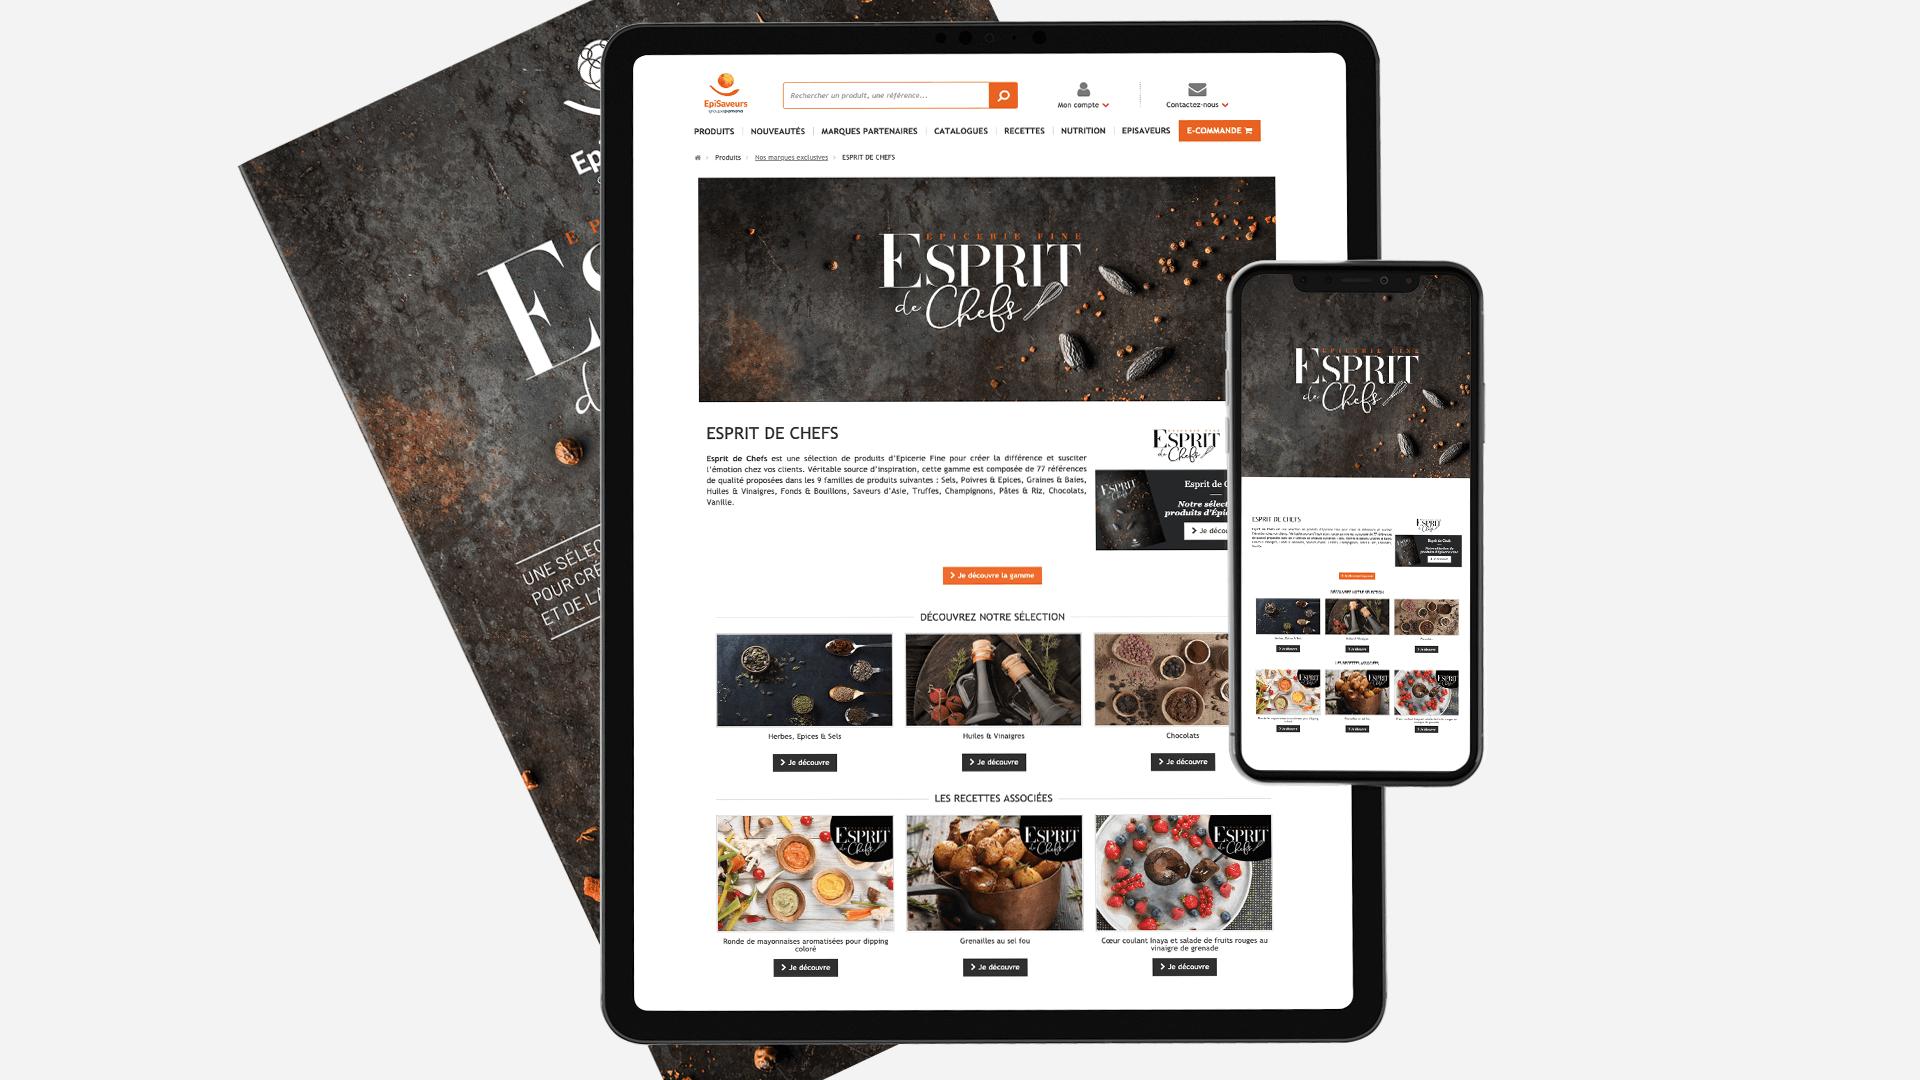 couverture, page d'accueil sur tablette et mobile pour le catalogue Esprit de chefs d'EpiSaveurs